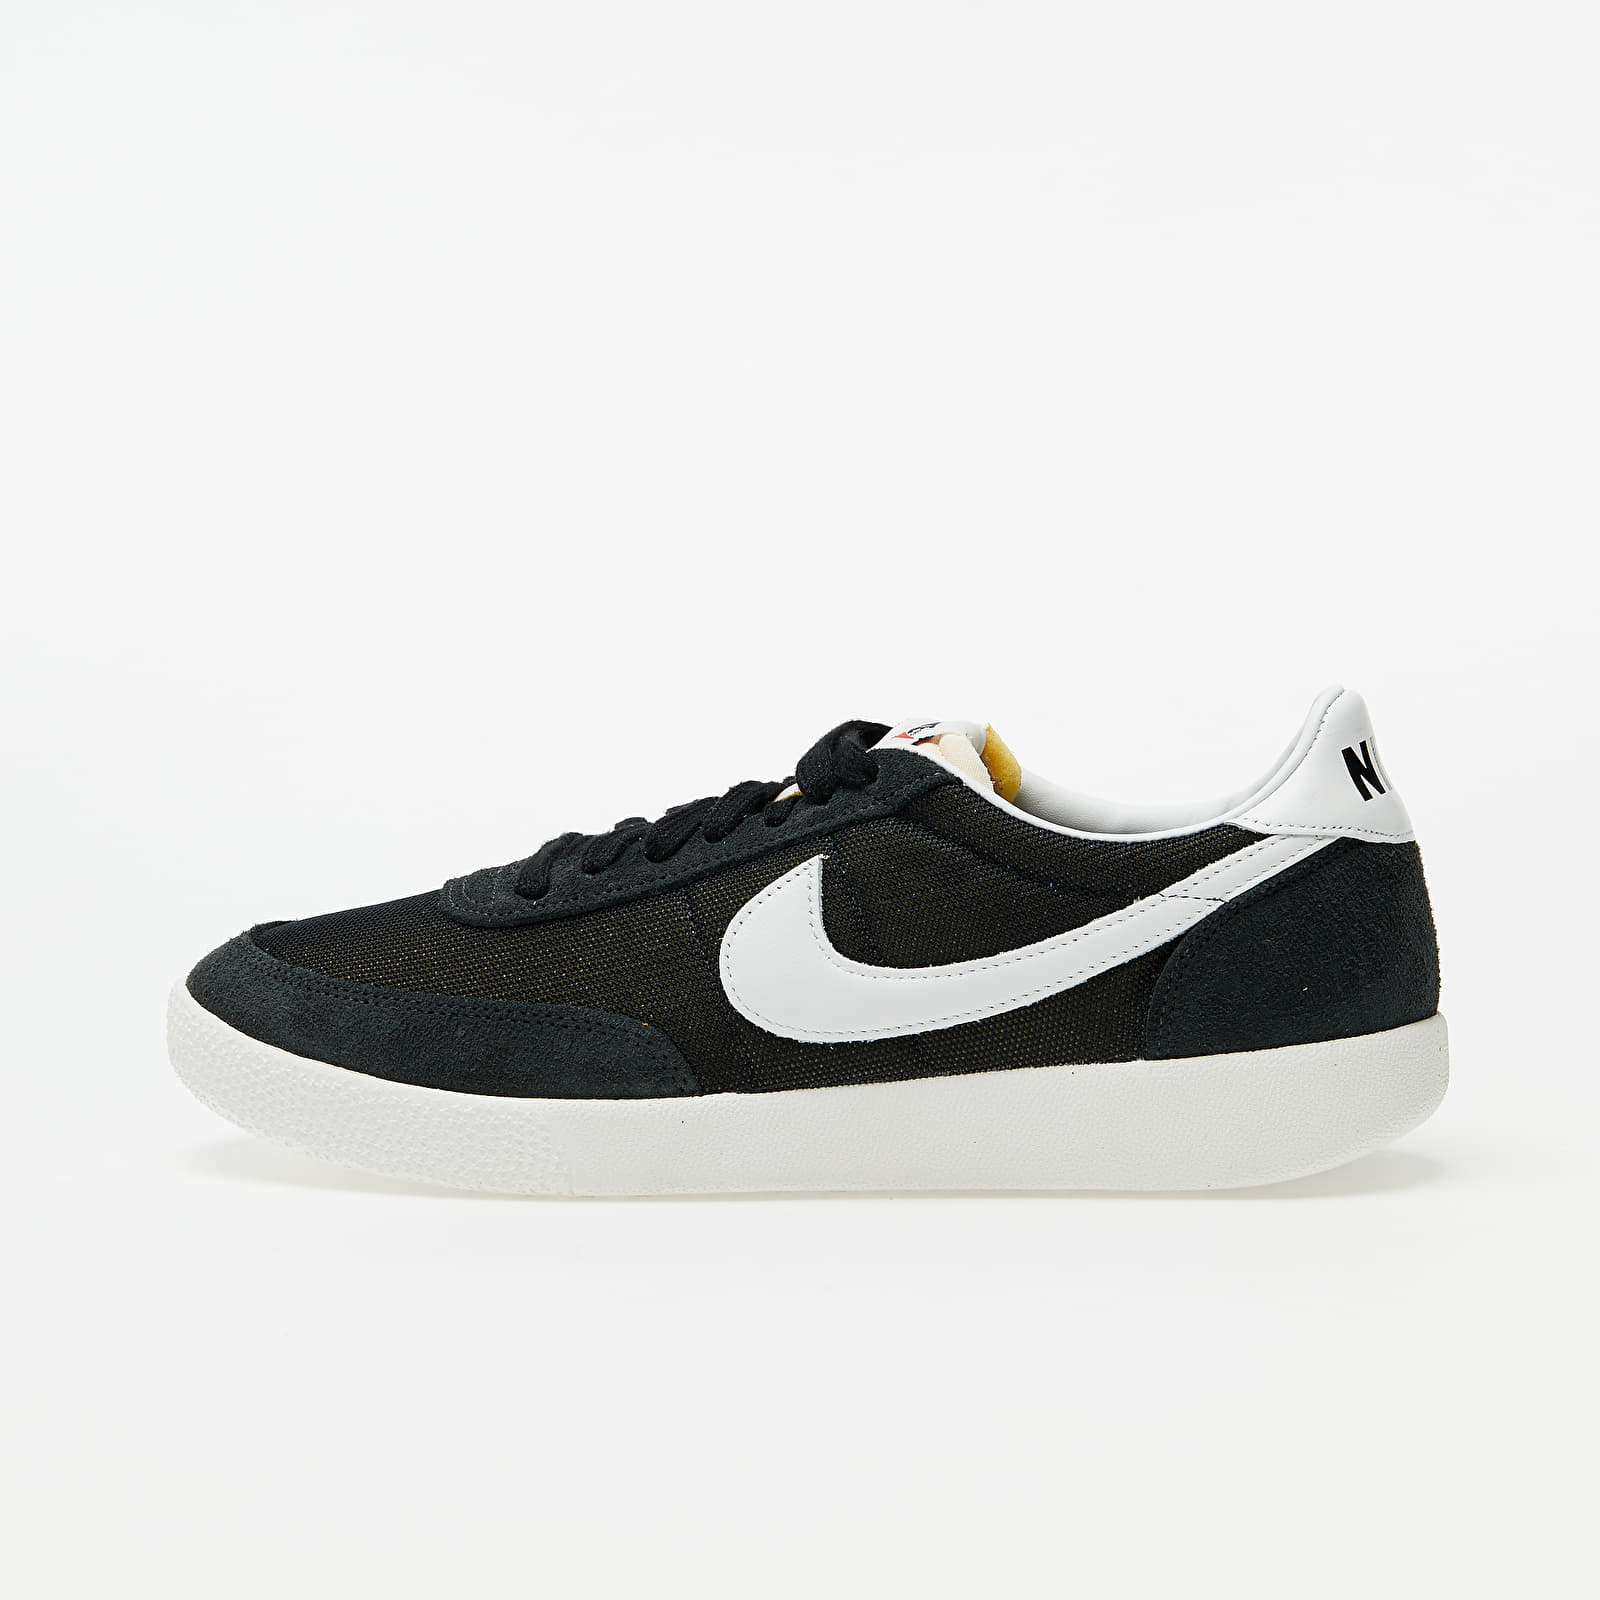 Nike Killshot SP Black/ White-Off Noir EUR 41